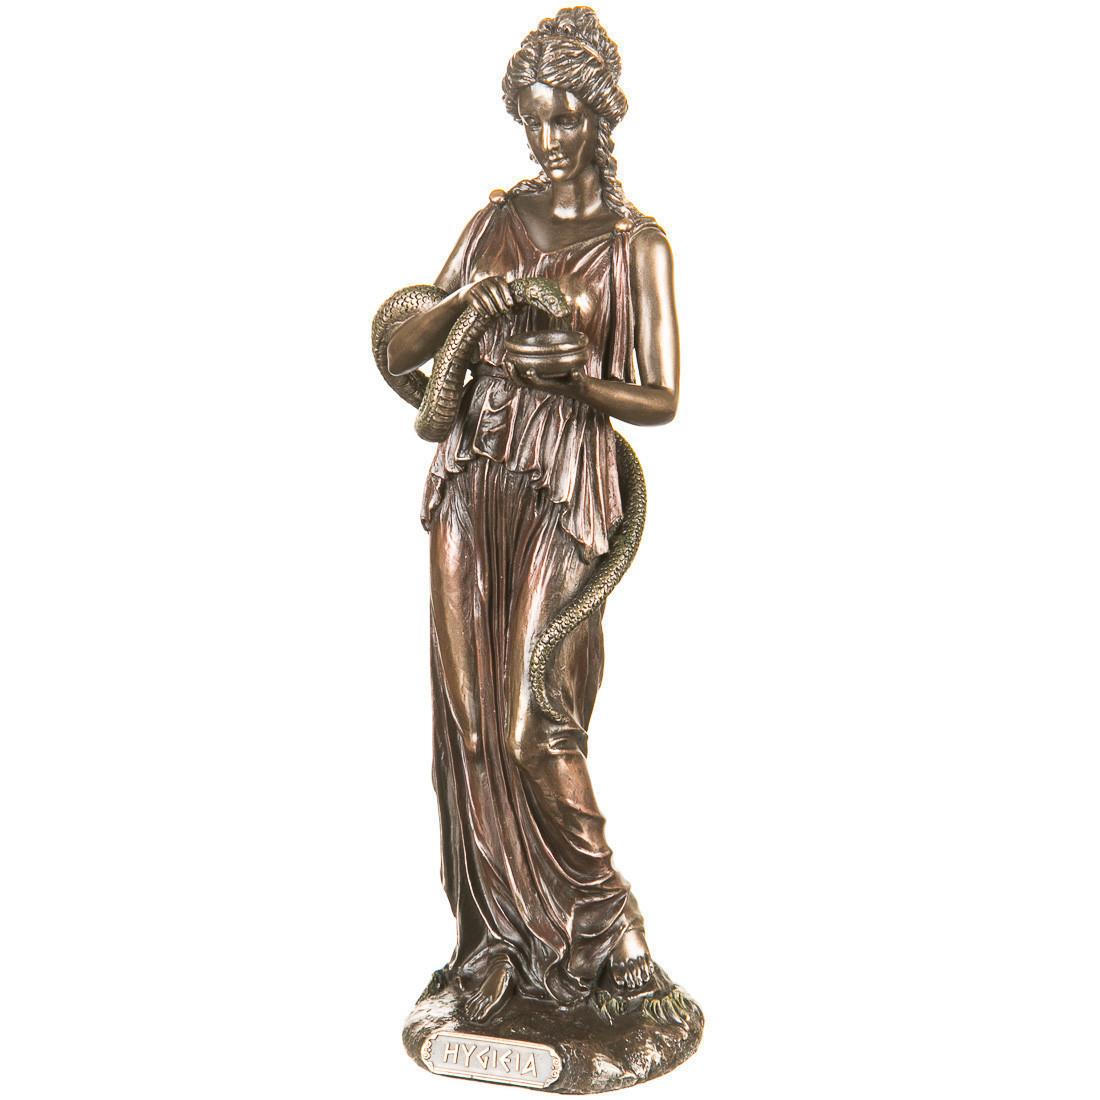 Статуэтка Гигея 27,5 см 77003A4 Veronese Италия